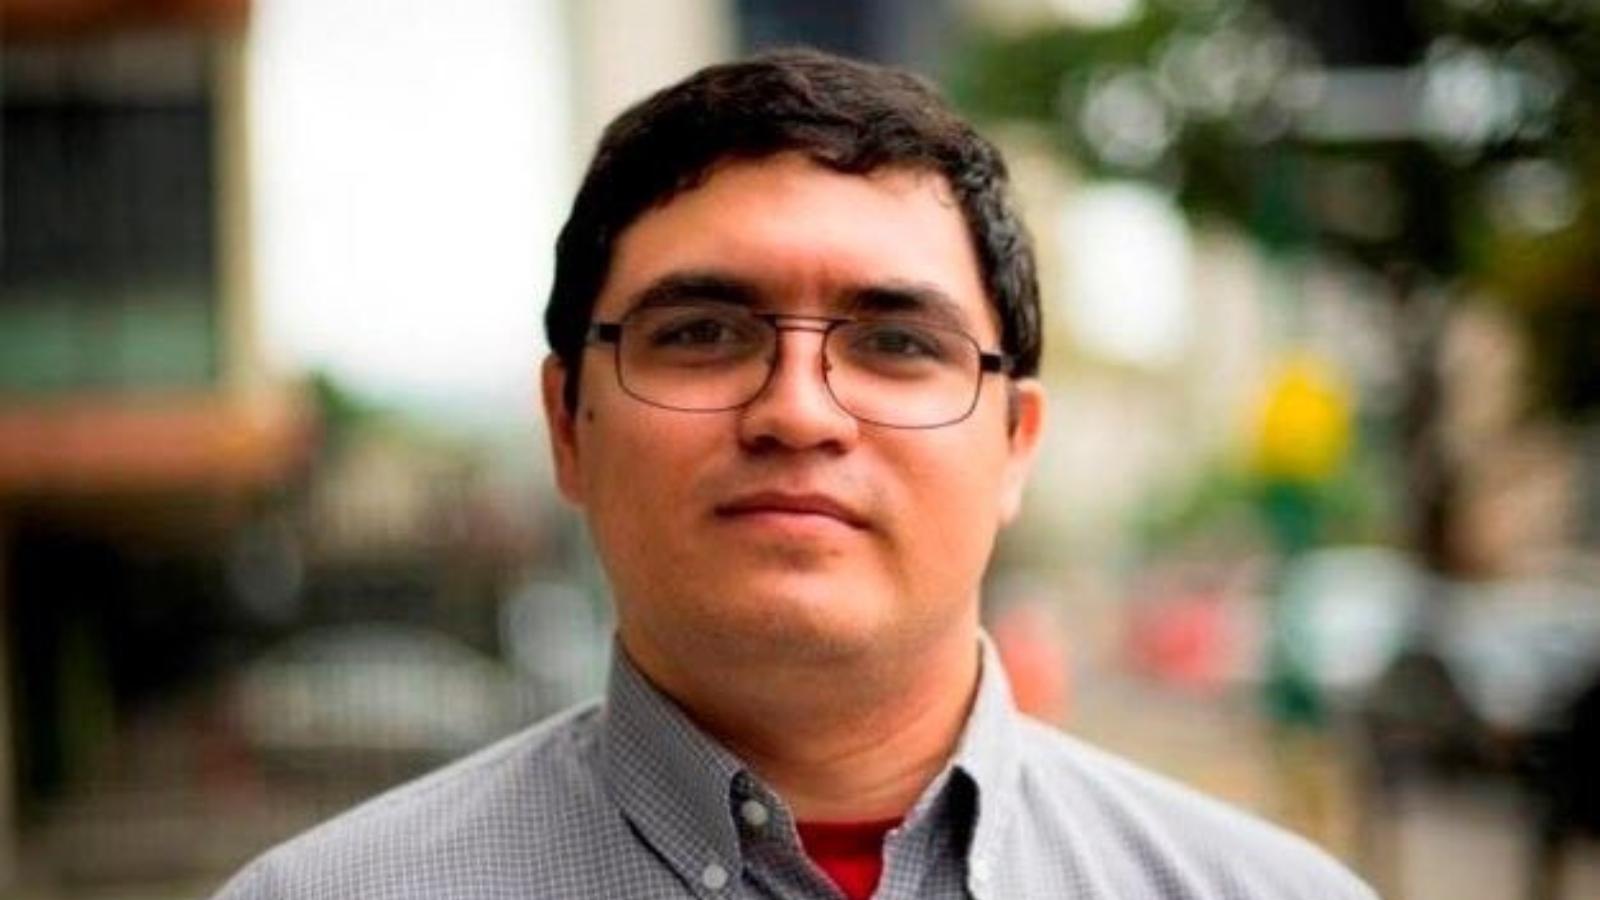 Agentes de inteligencia detienen a periodista y defensor de DDHH venezolano